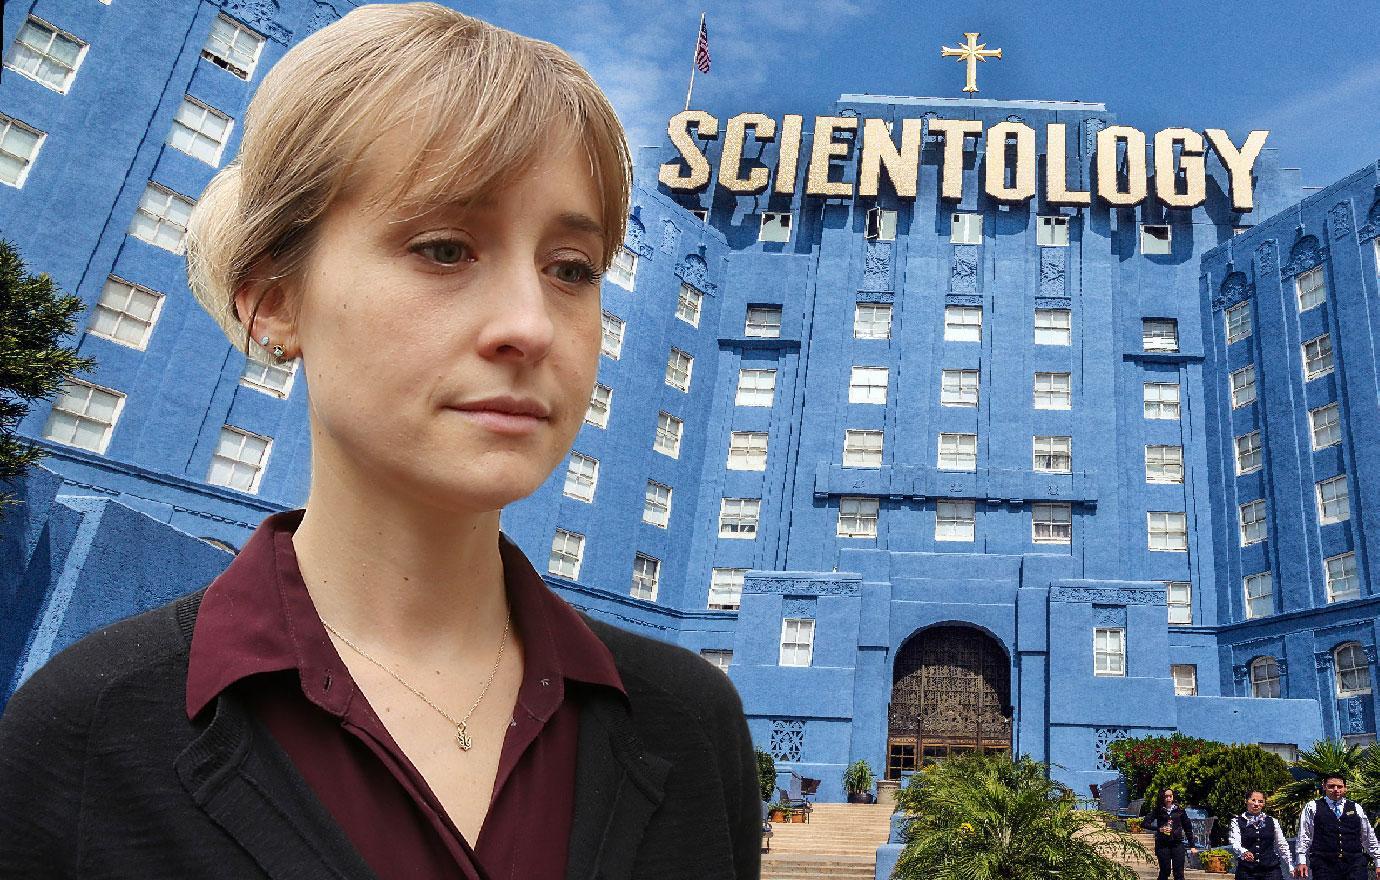 Allison Mack Blames Scientology In Her Sex Cult Case Defense